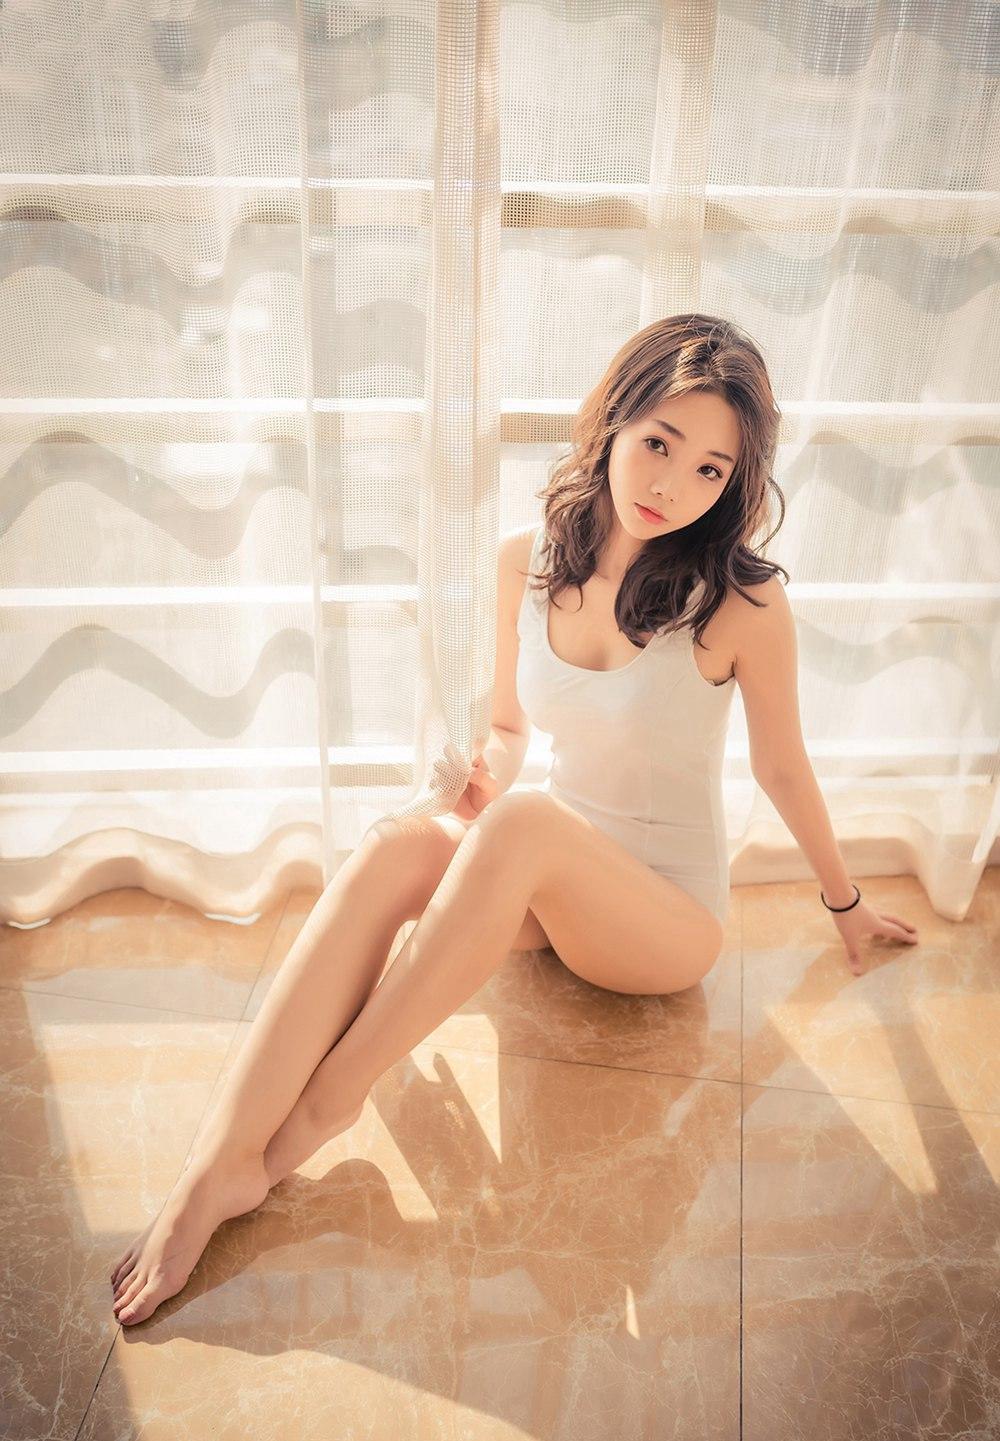 [喵糖映画] VOL.099 阳光下的白泳衣 [45P] -第1张